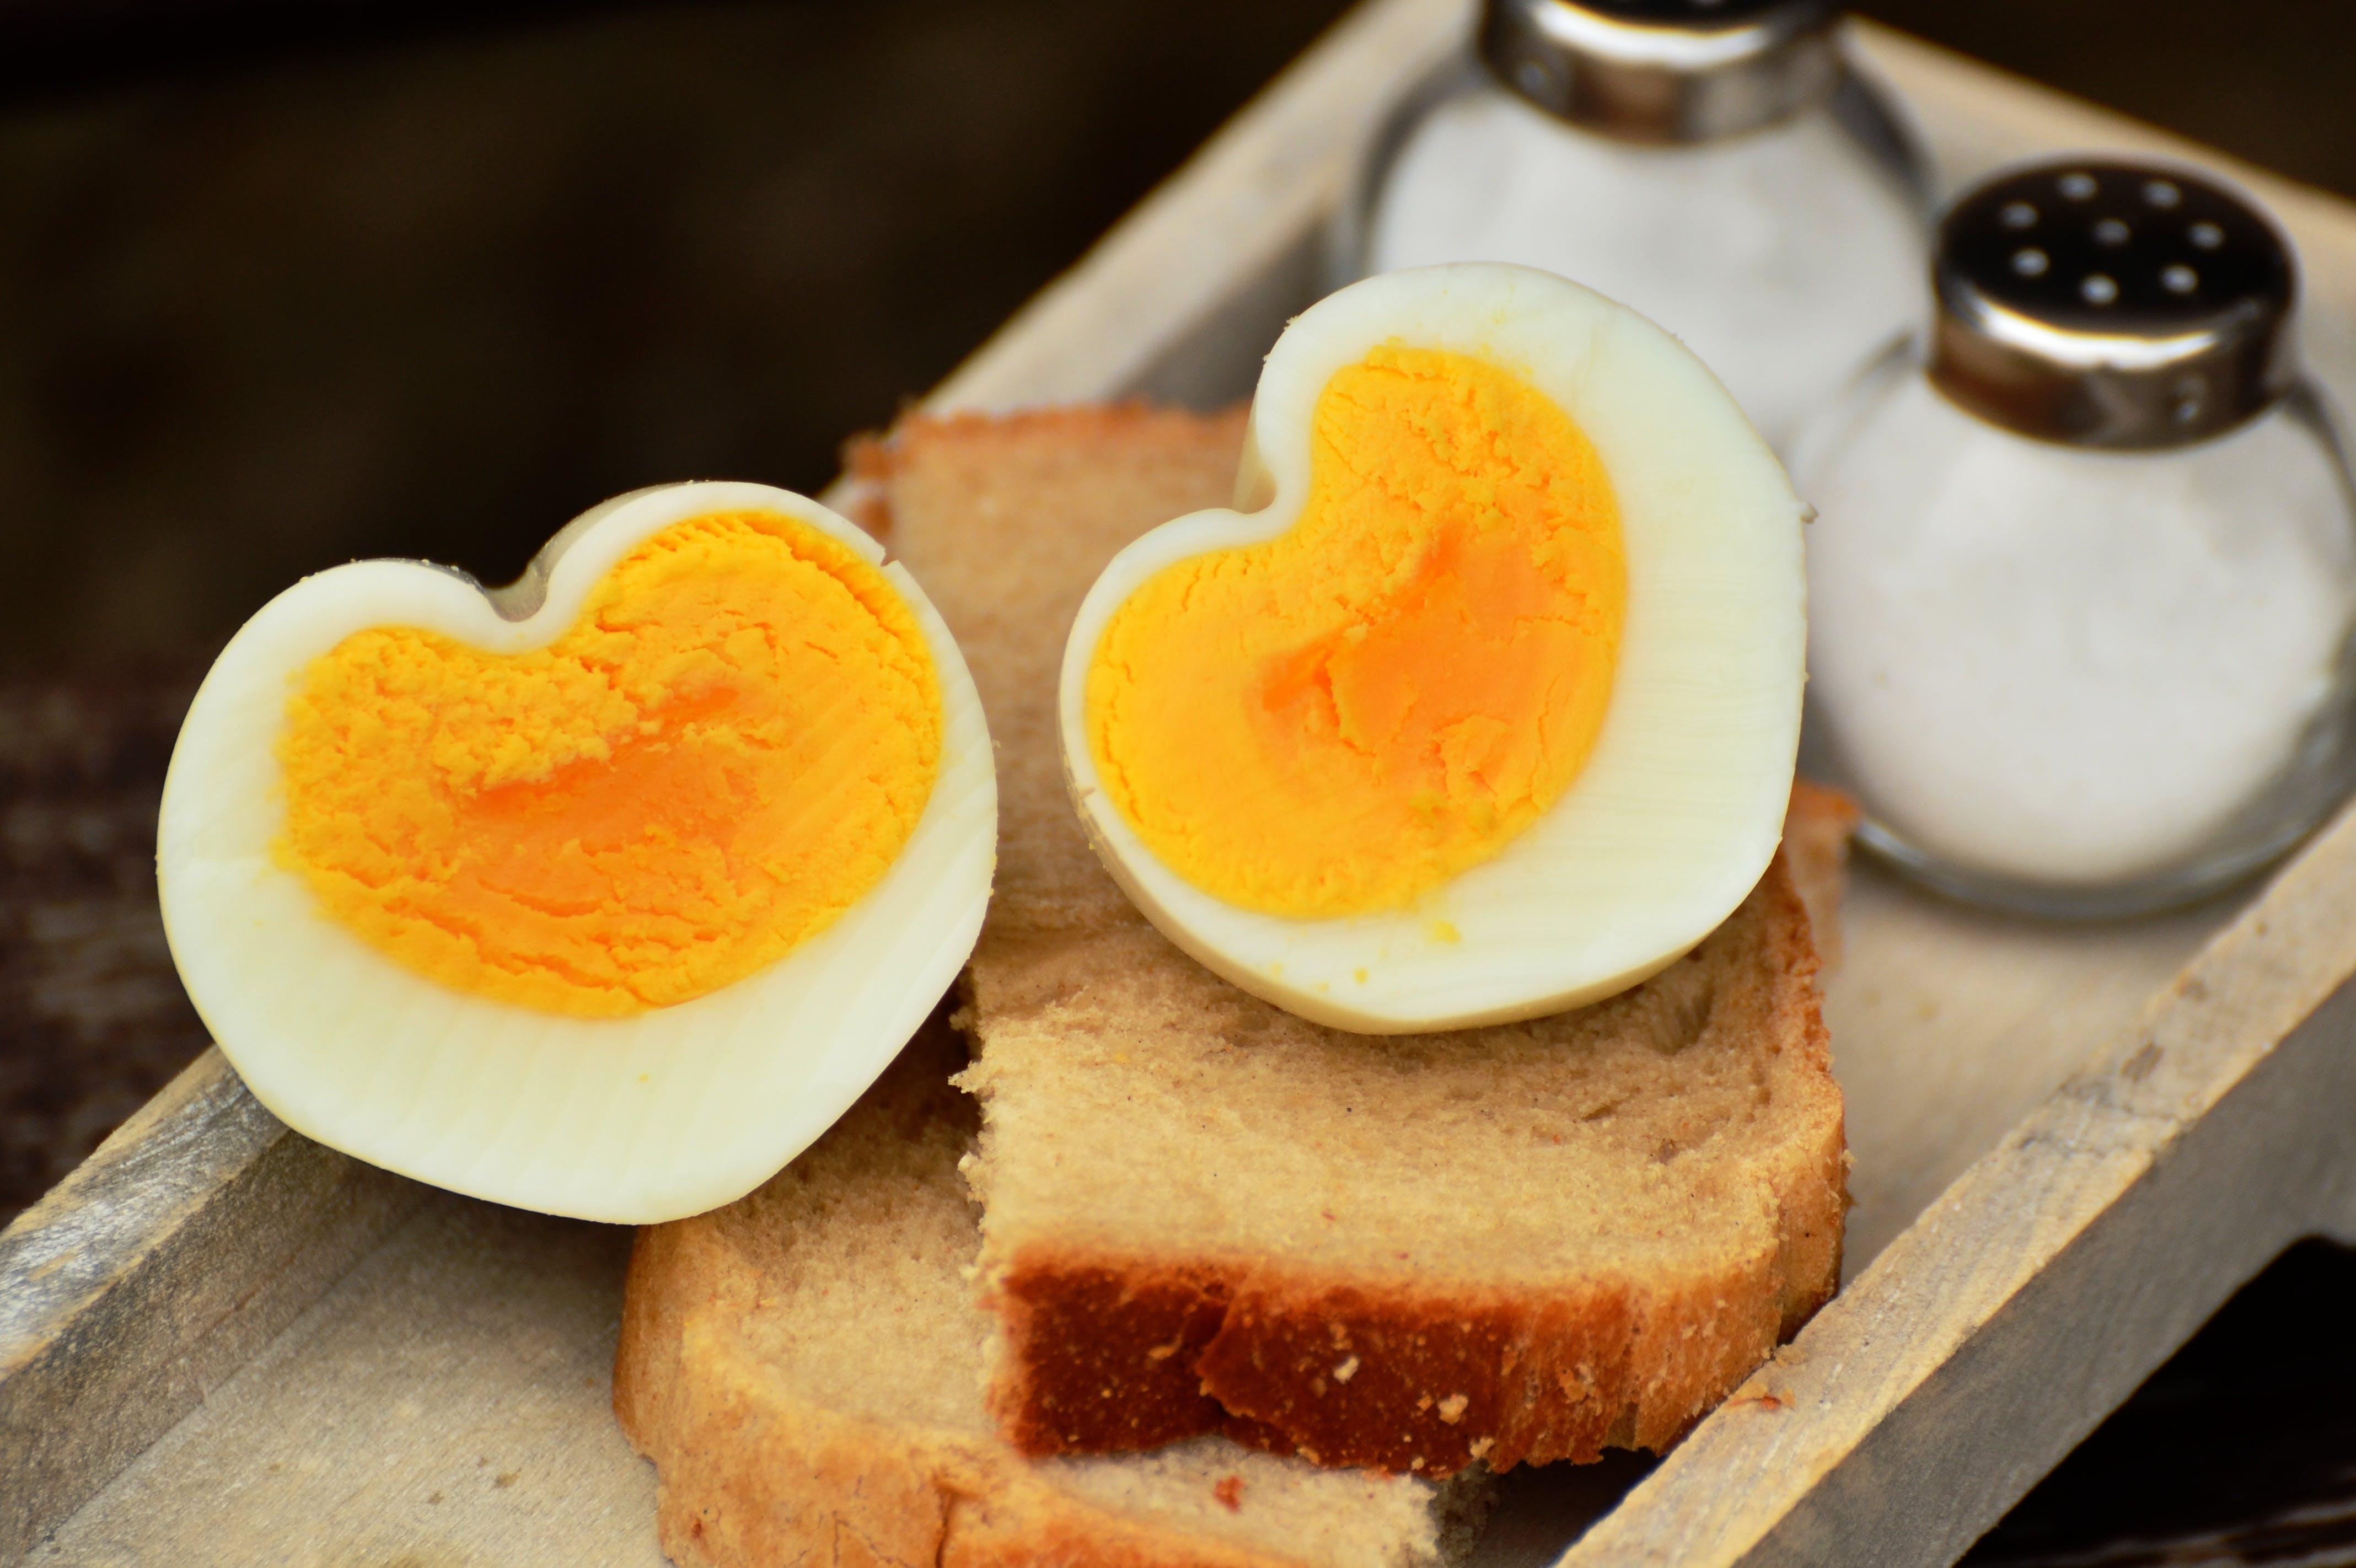 αυγό, βραστό αυγό, καρδιά